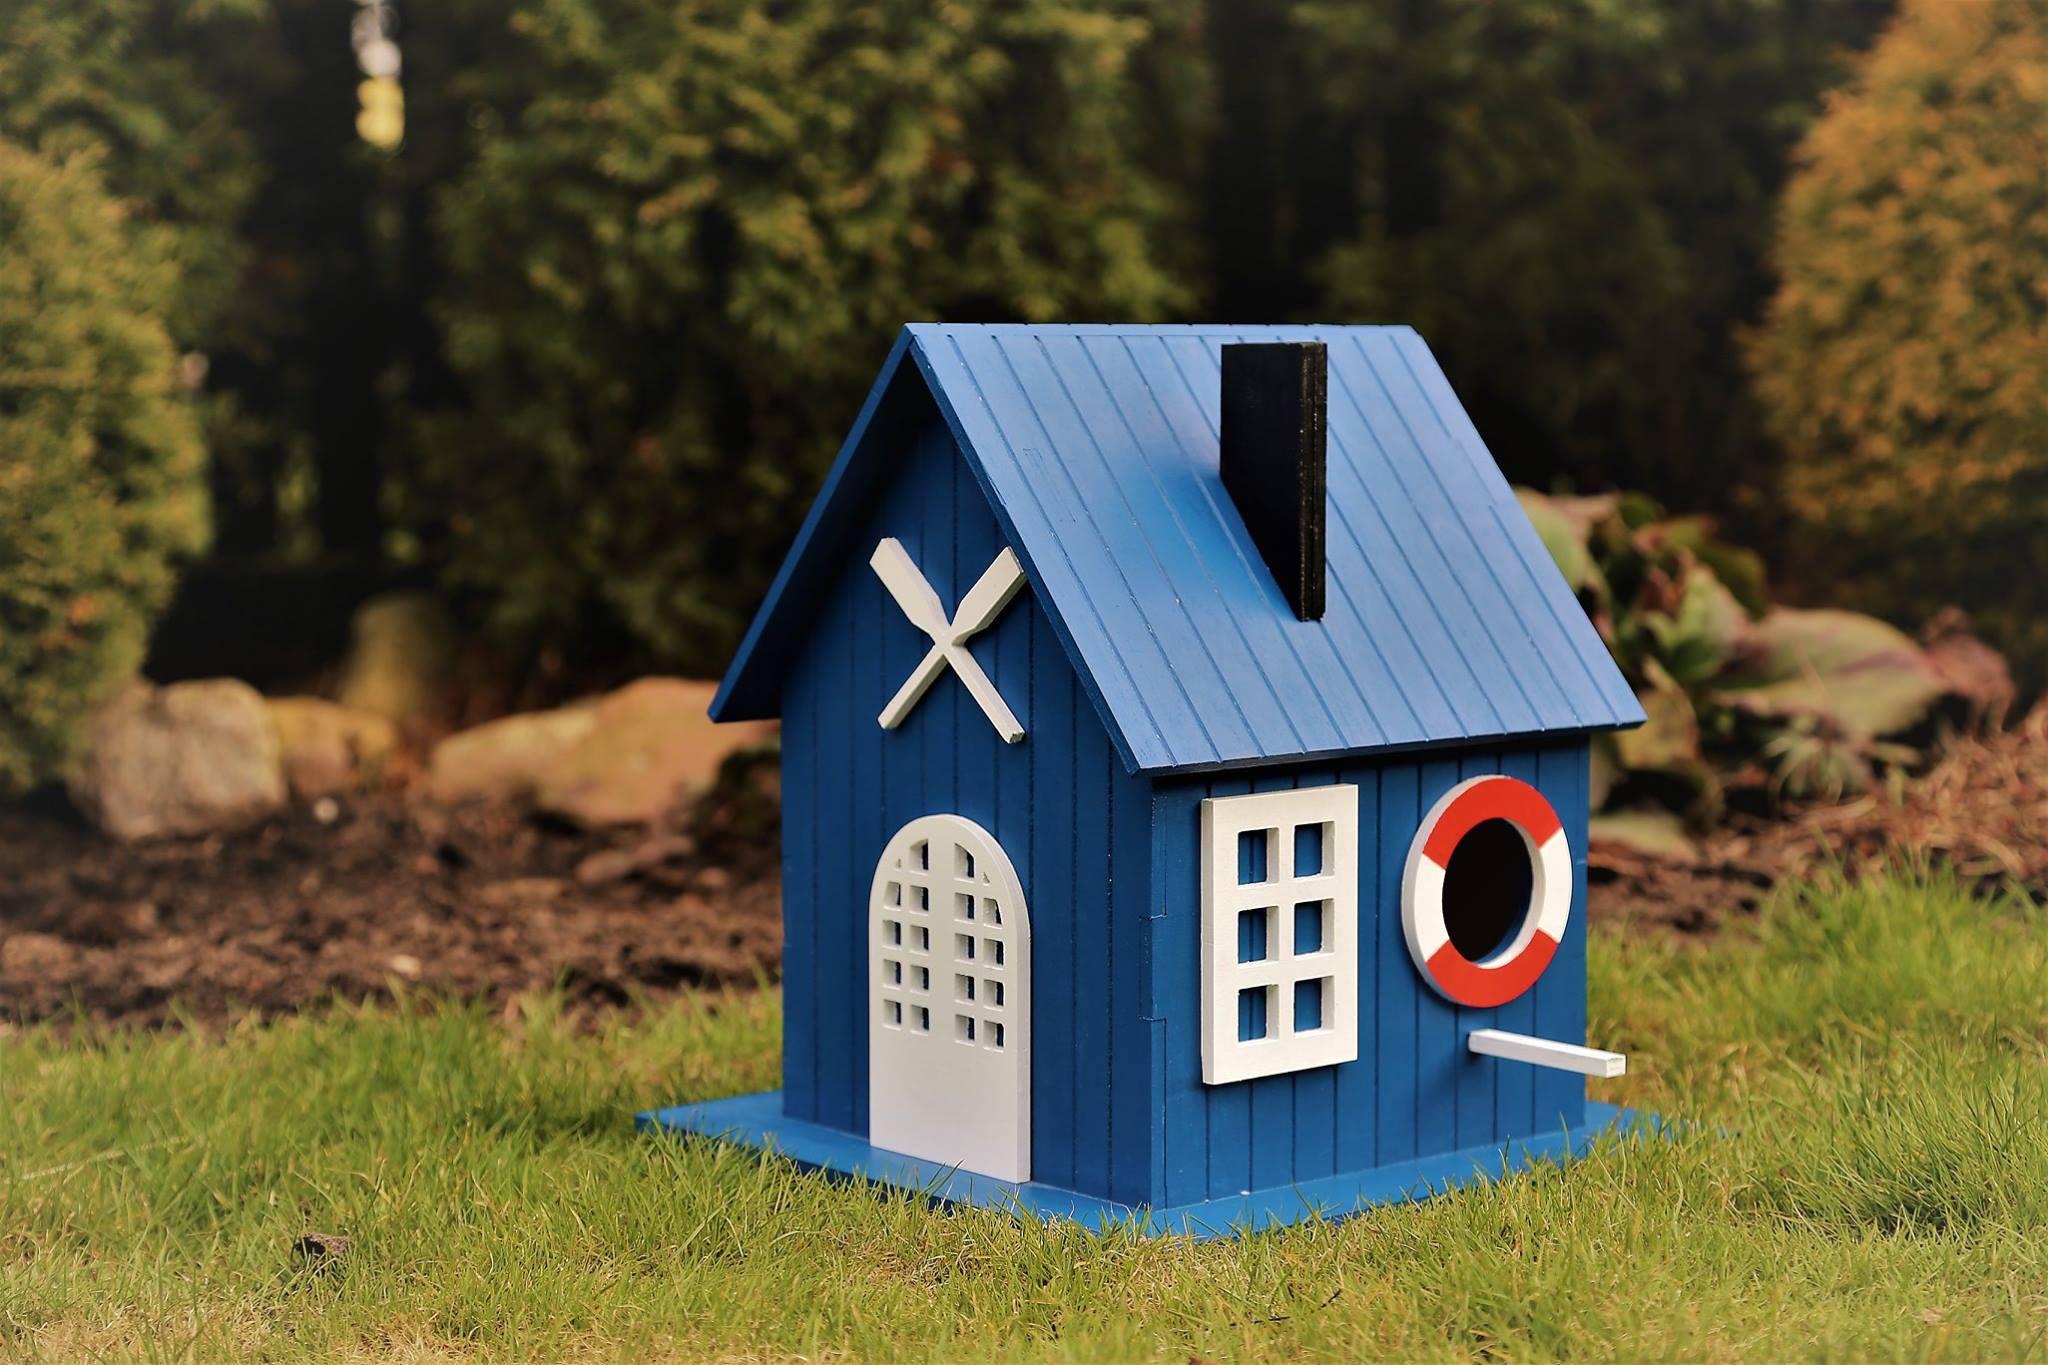 Vogelhaus Vogel Haus Meer Vogelhaus Outdoor Vogelhaus große | Etsy